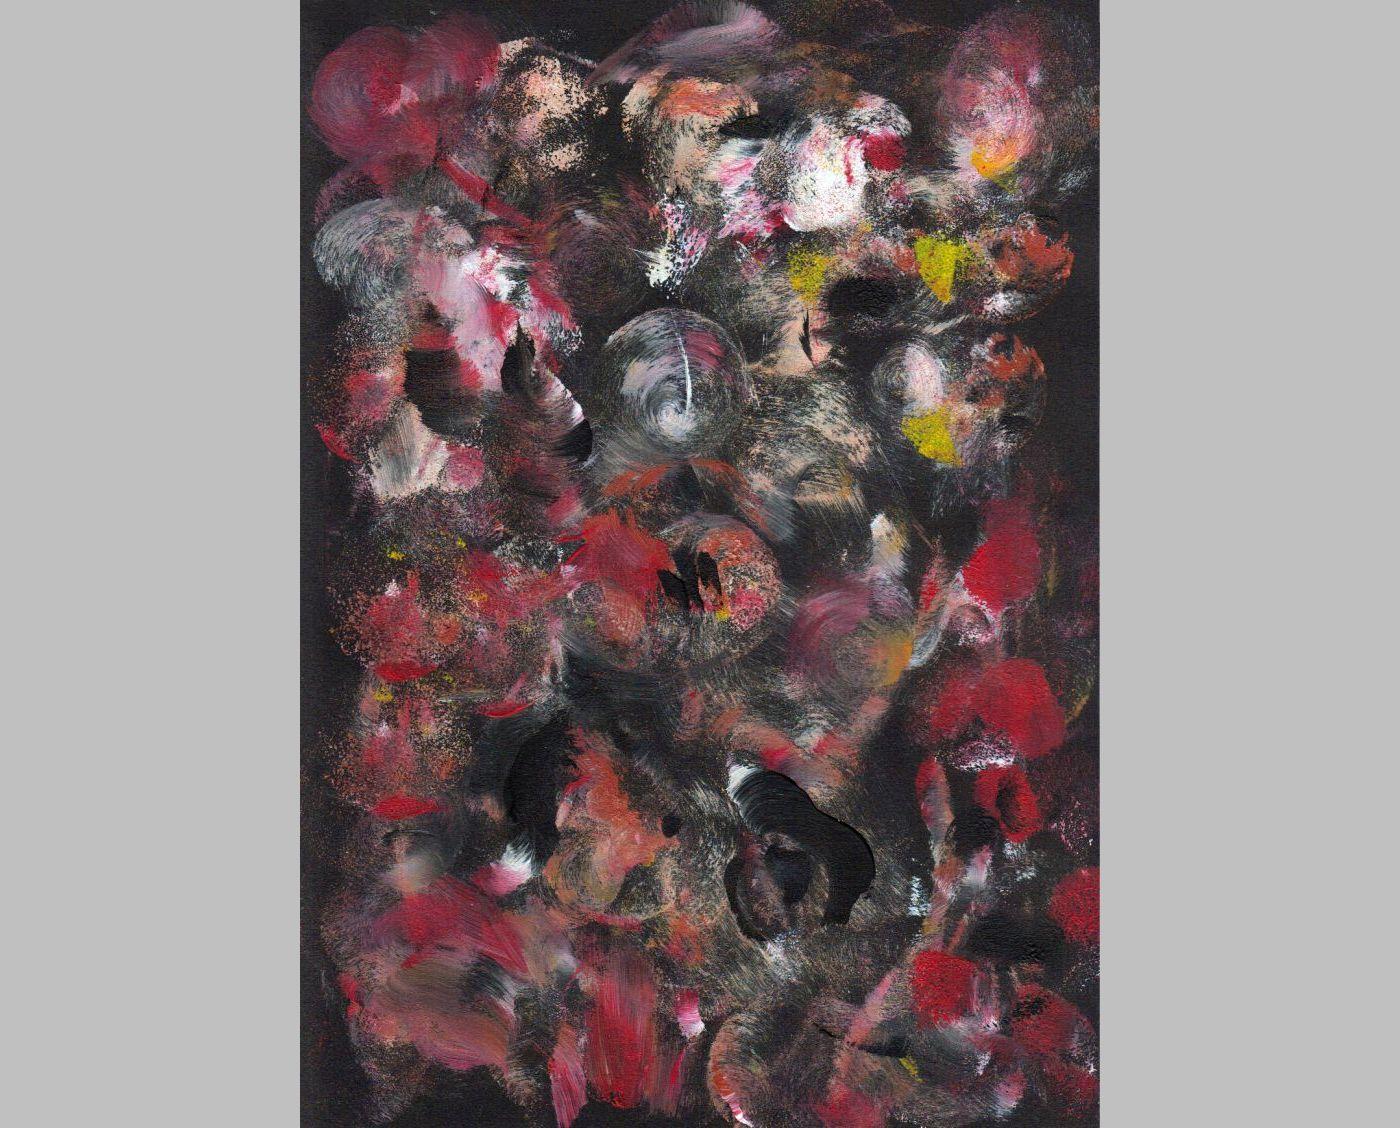 Träume (2013, 21 x 29,7 cm, A4)